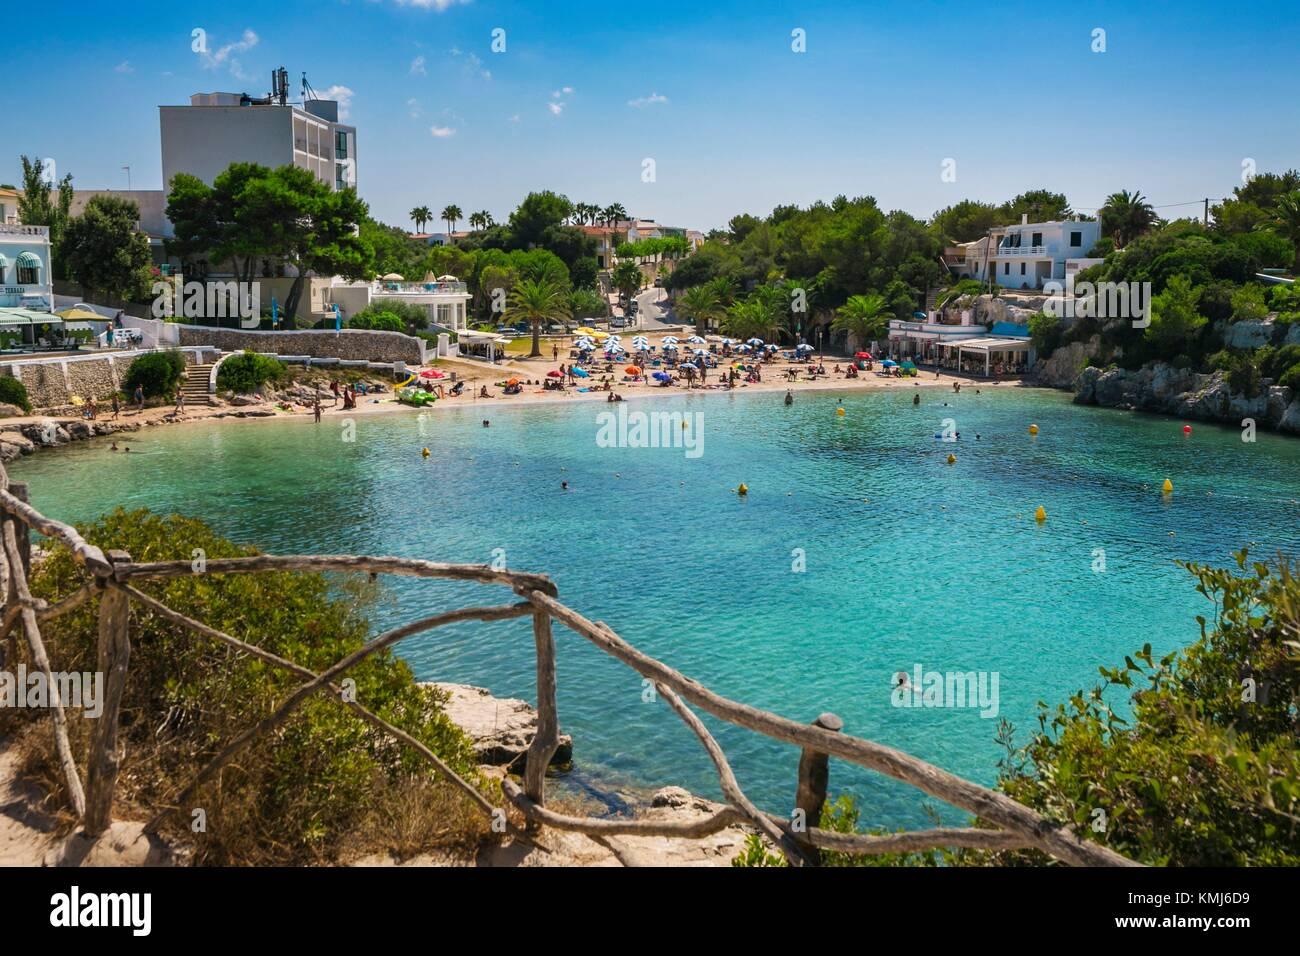 Cala Santandria Beach. Ciutadella de Menorca comune. Minorca. Isole Baleari. Spagna Immagini Stock